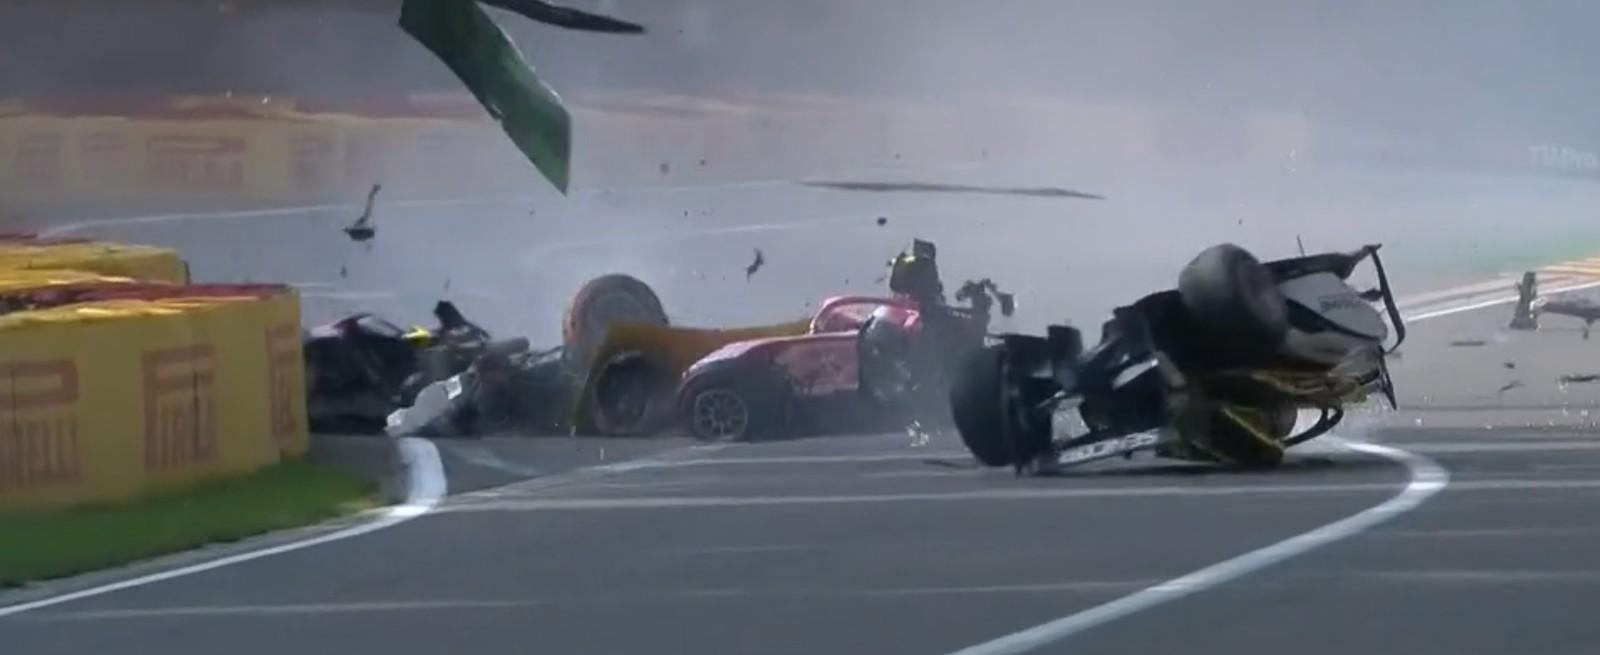 Piloto morre em acidente e cancela corrida na Bélgica; veja o momento da colisão